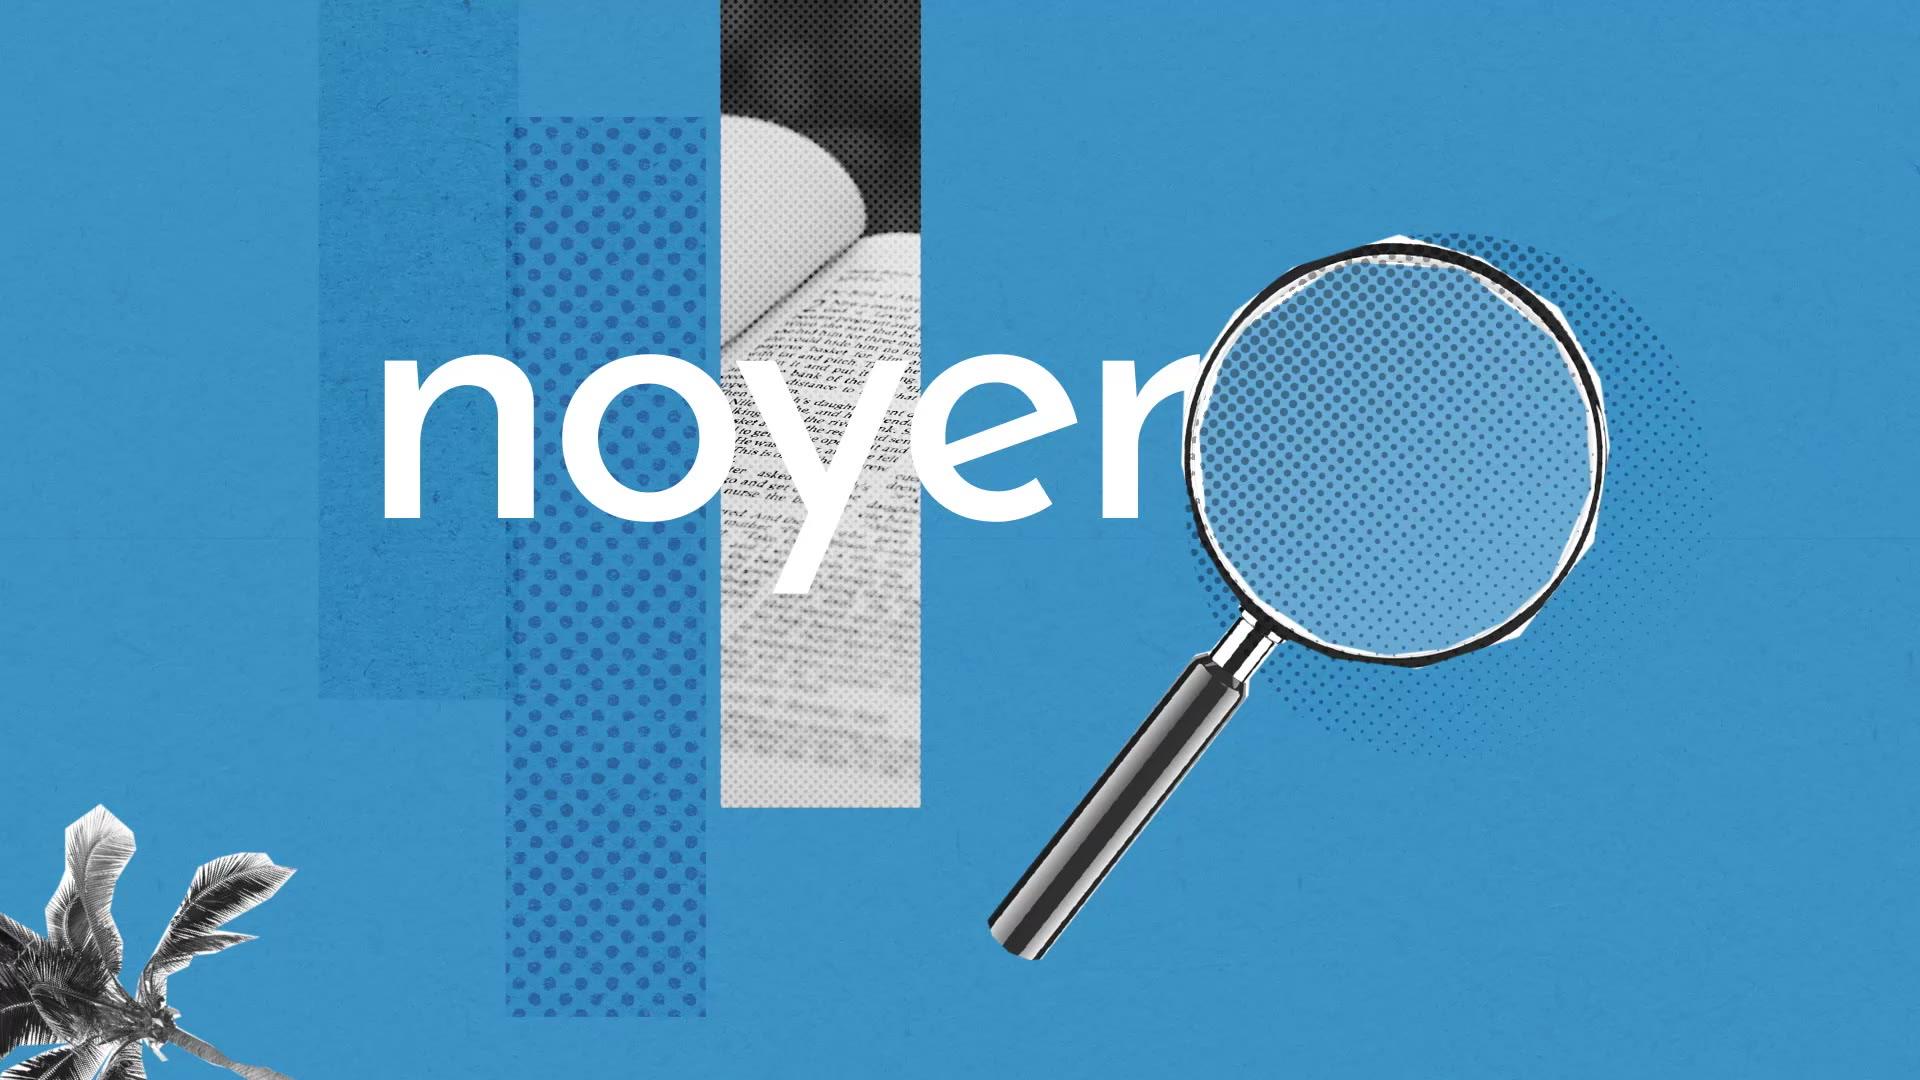 Noyer Definition Du Verbe Simple Et Facile Du Dictionnaire